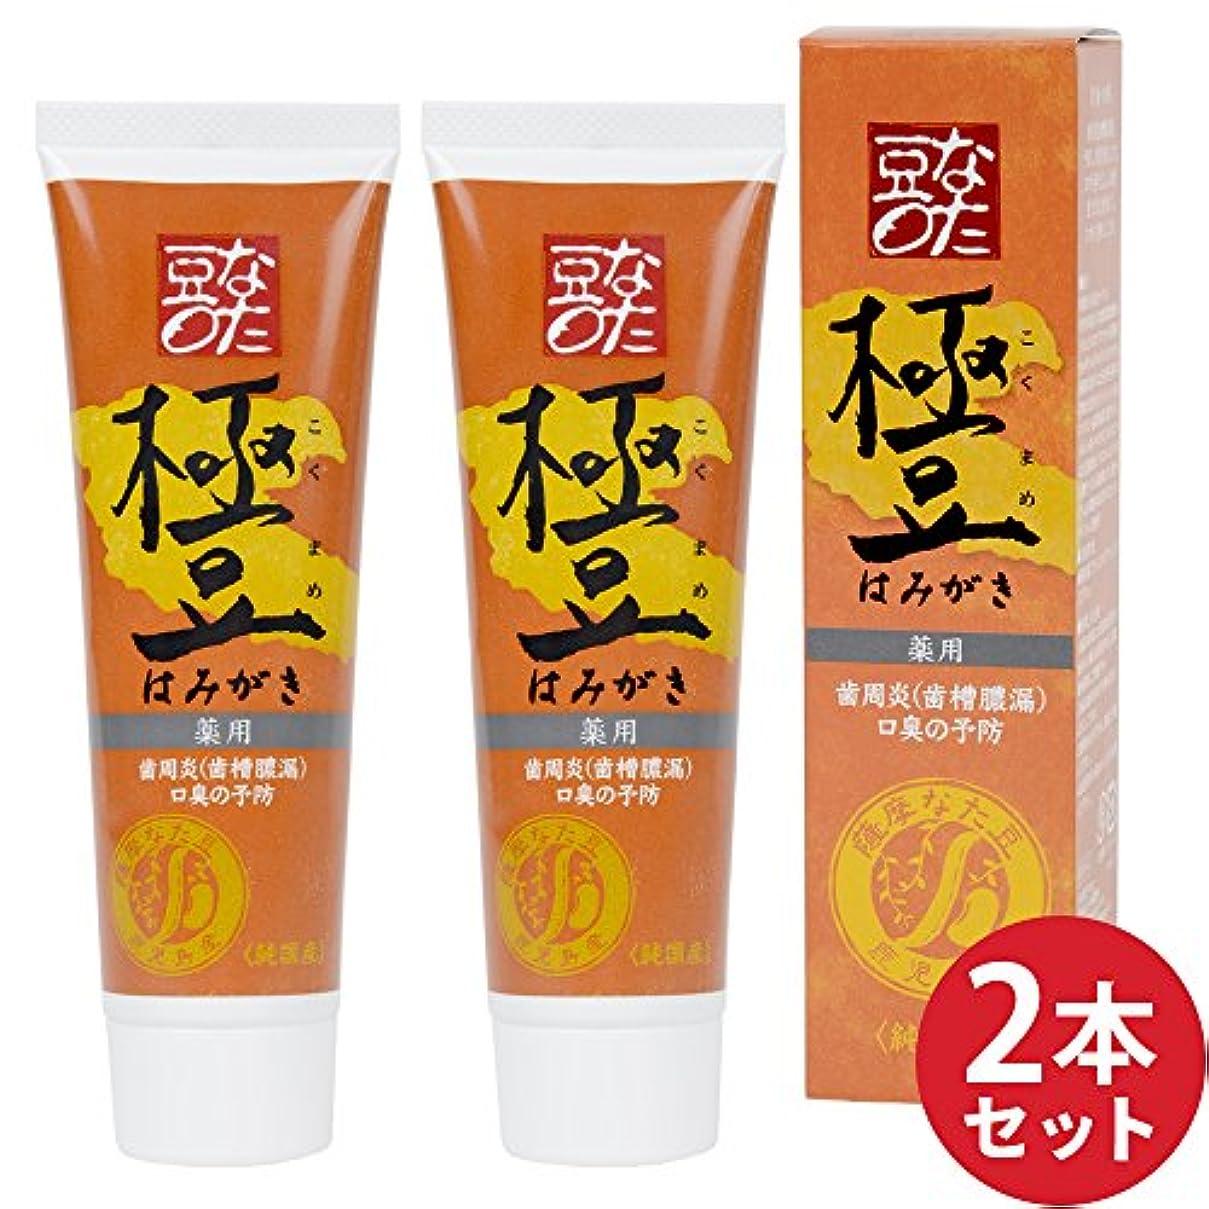 マーベルクーポン芝生2本セット【薬用】薩摩なた豆歯磨き(内容量:110g×2)